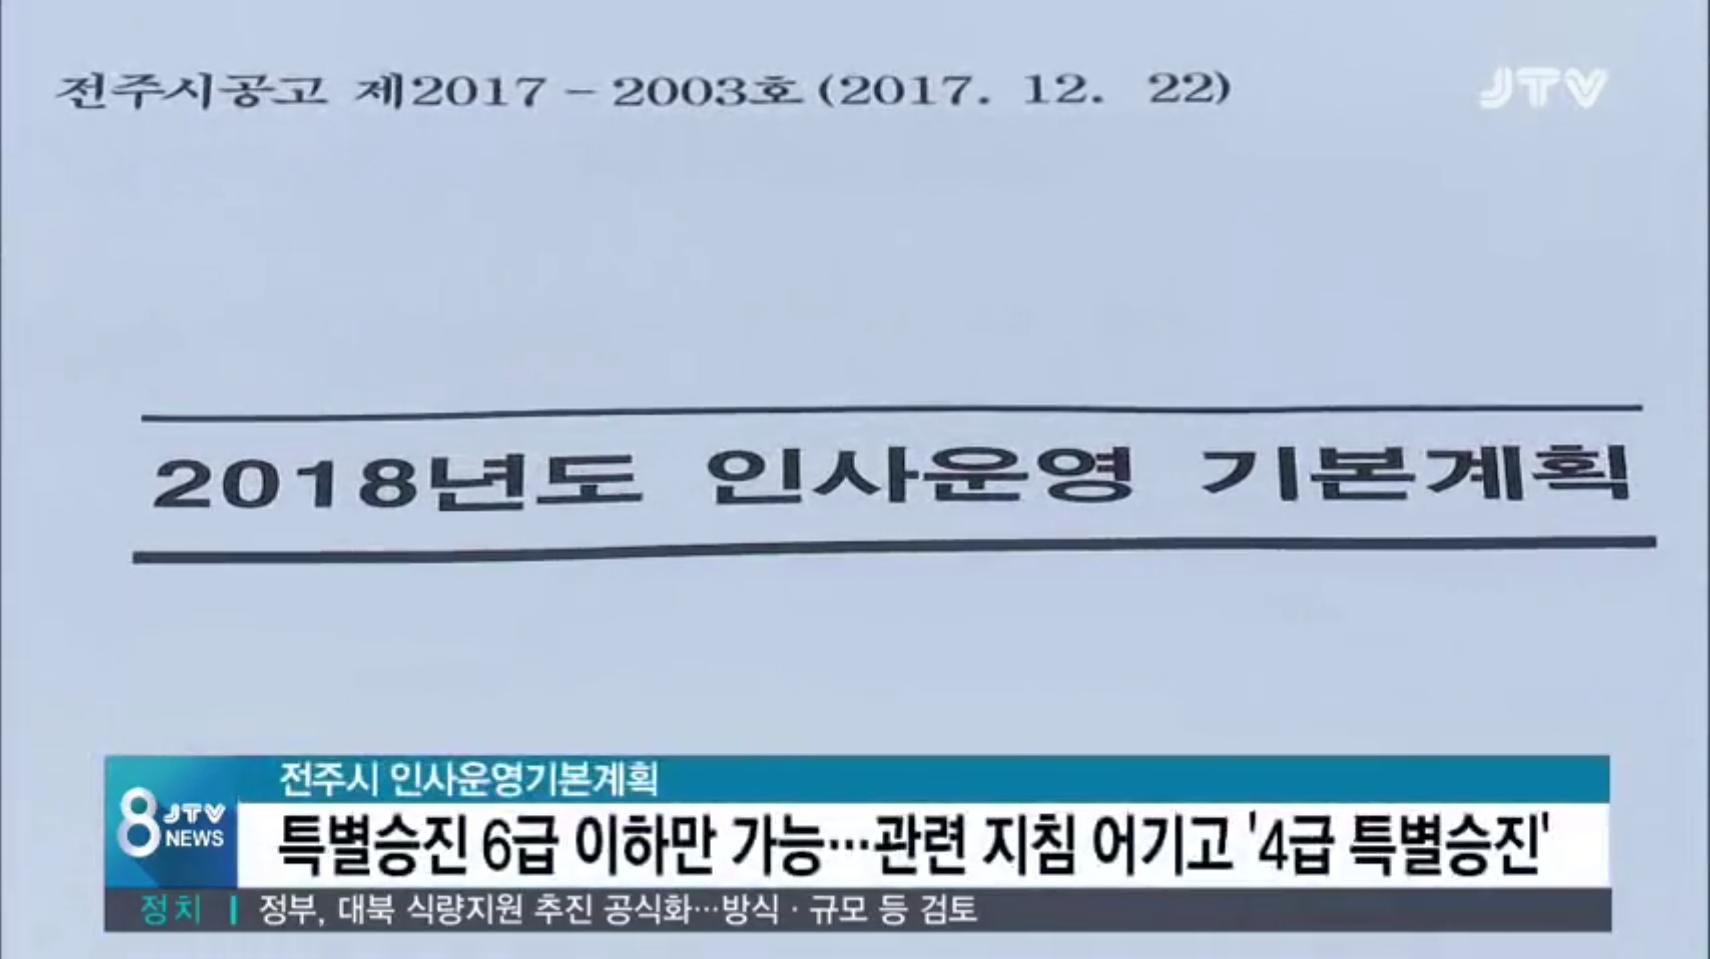 [19.5.7 JTV] 김승수 전주시장 고교선배 4급 특별승진4.png